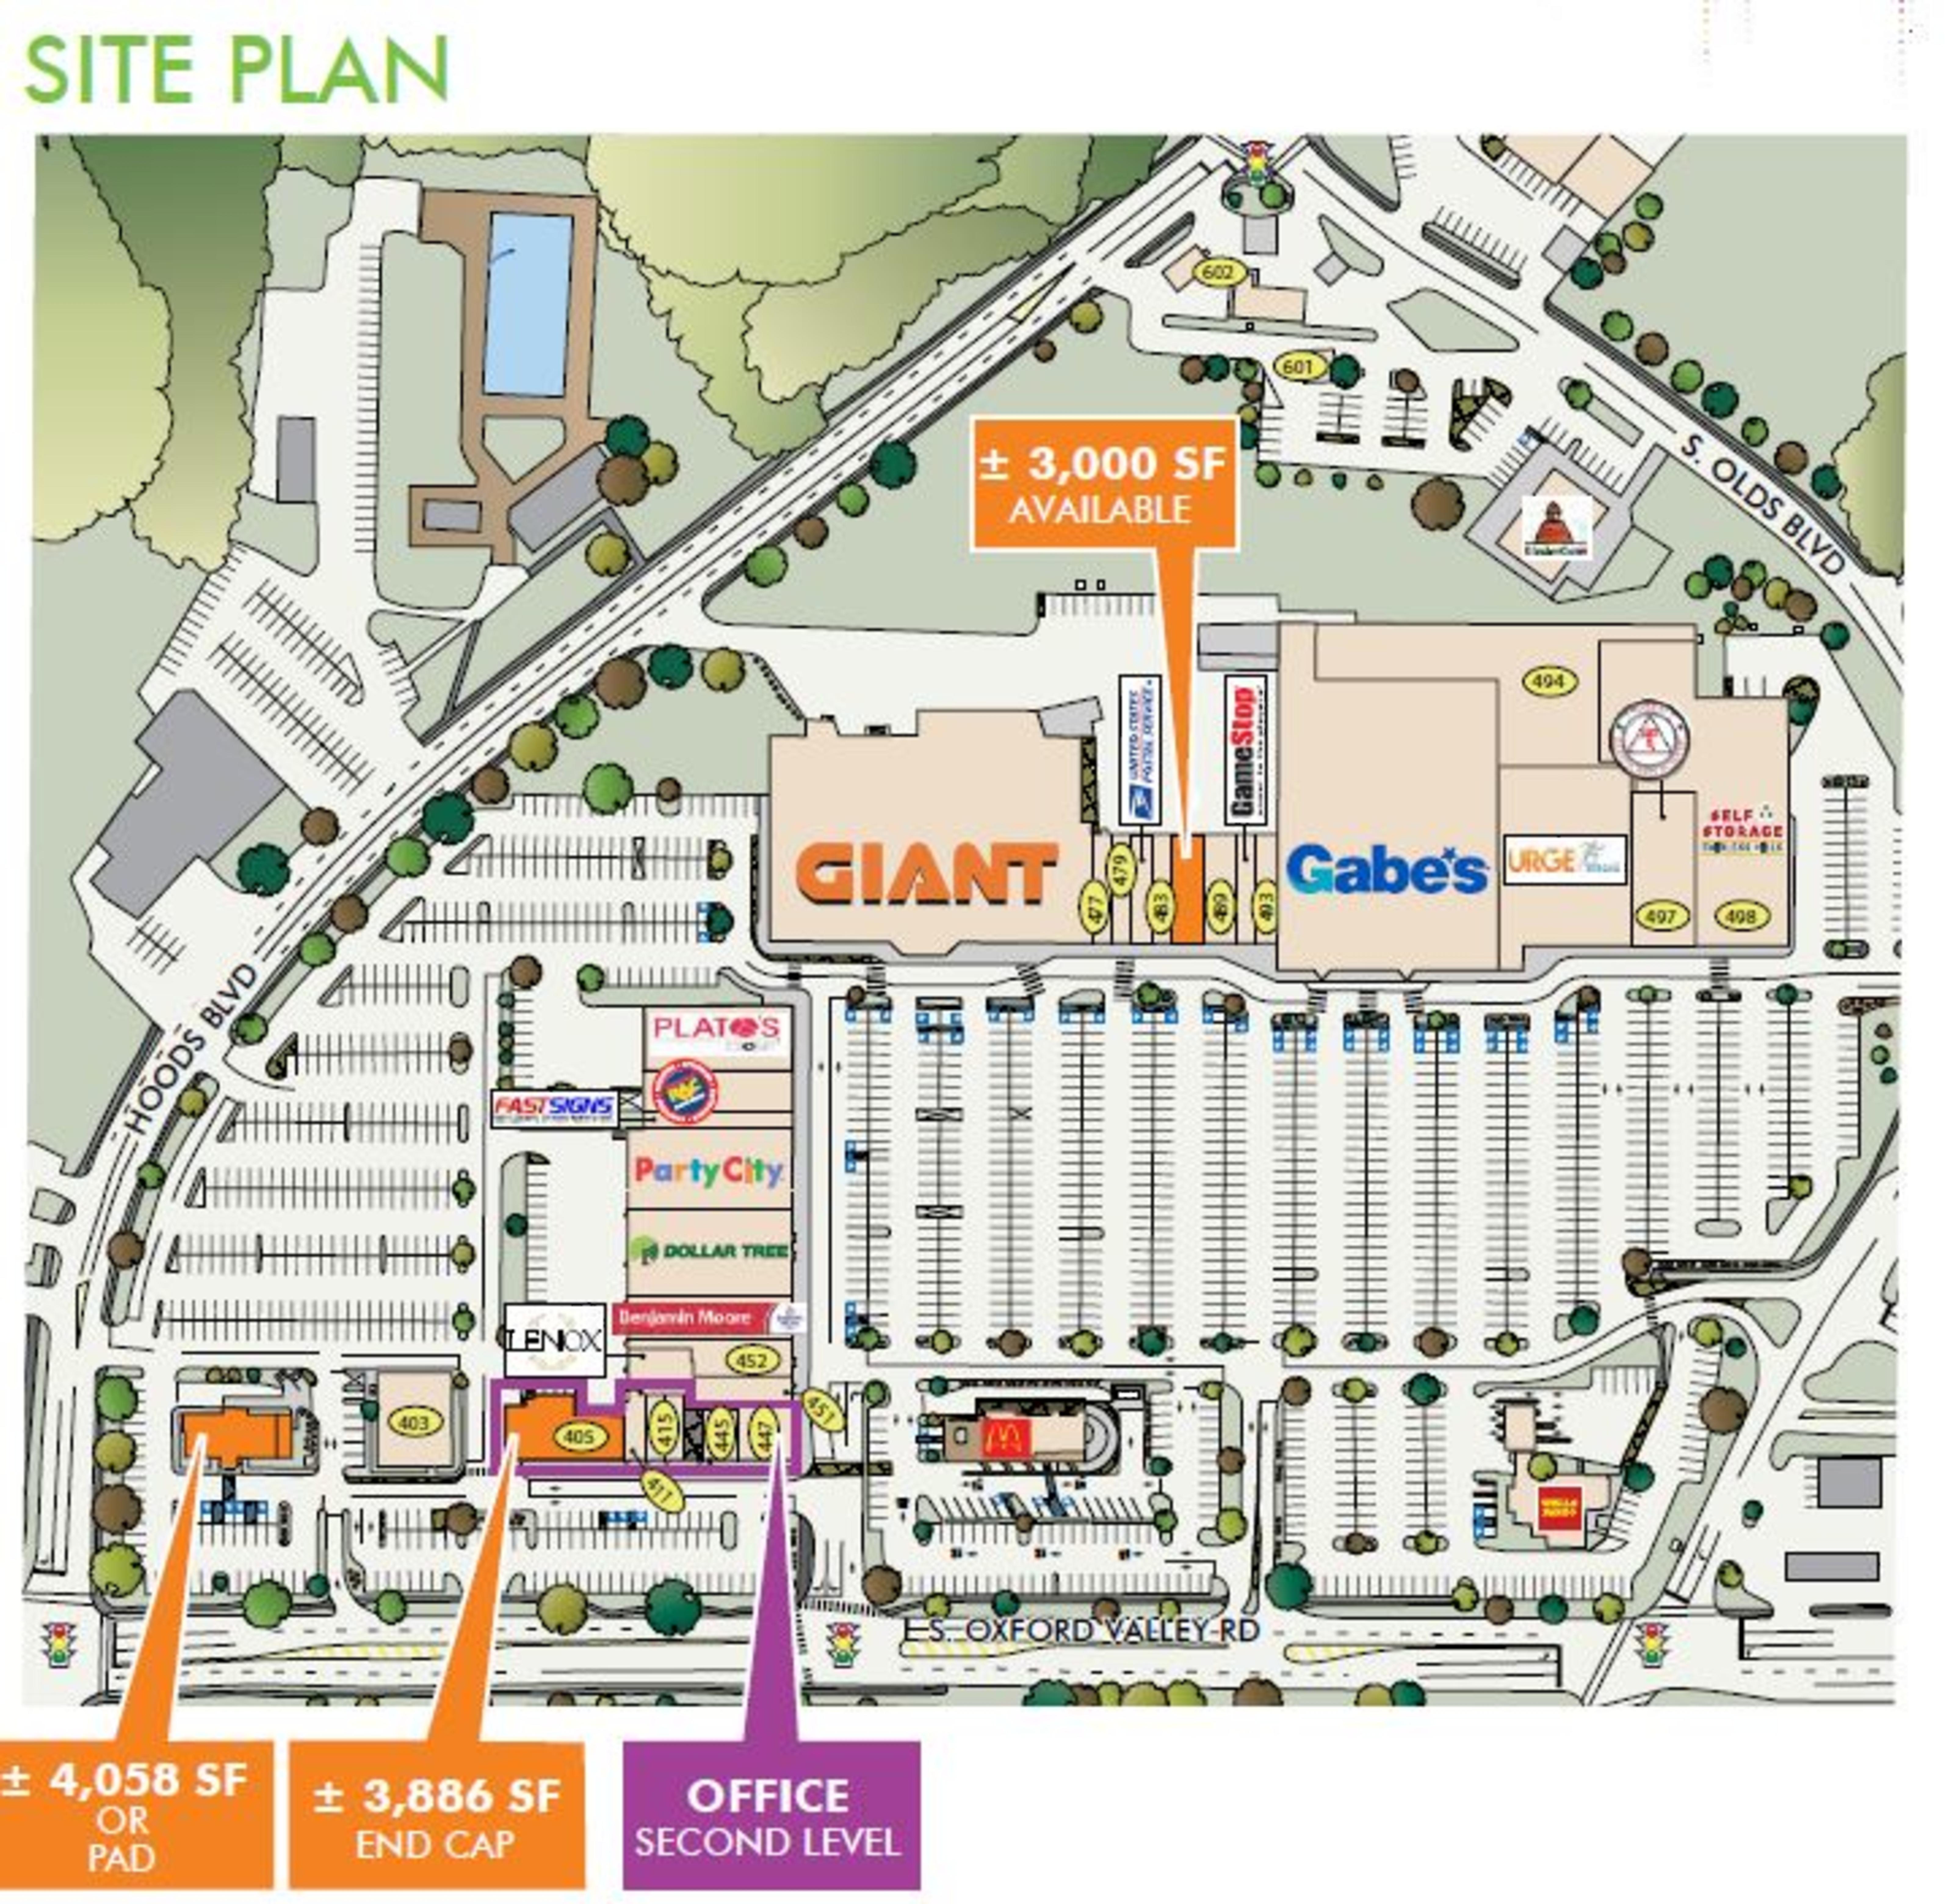 Fairless Hills Towne Center: site plan